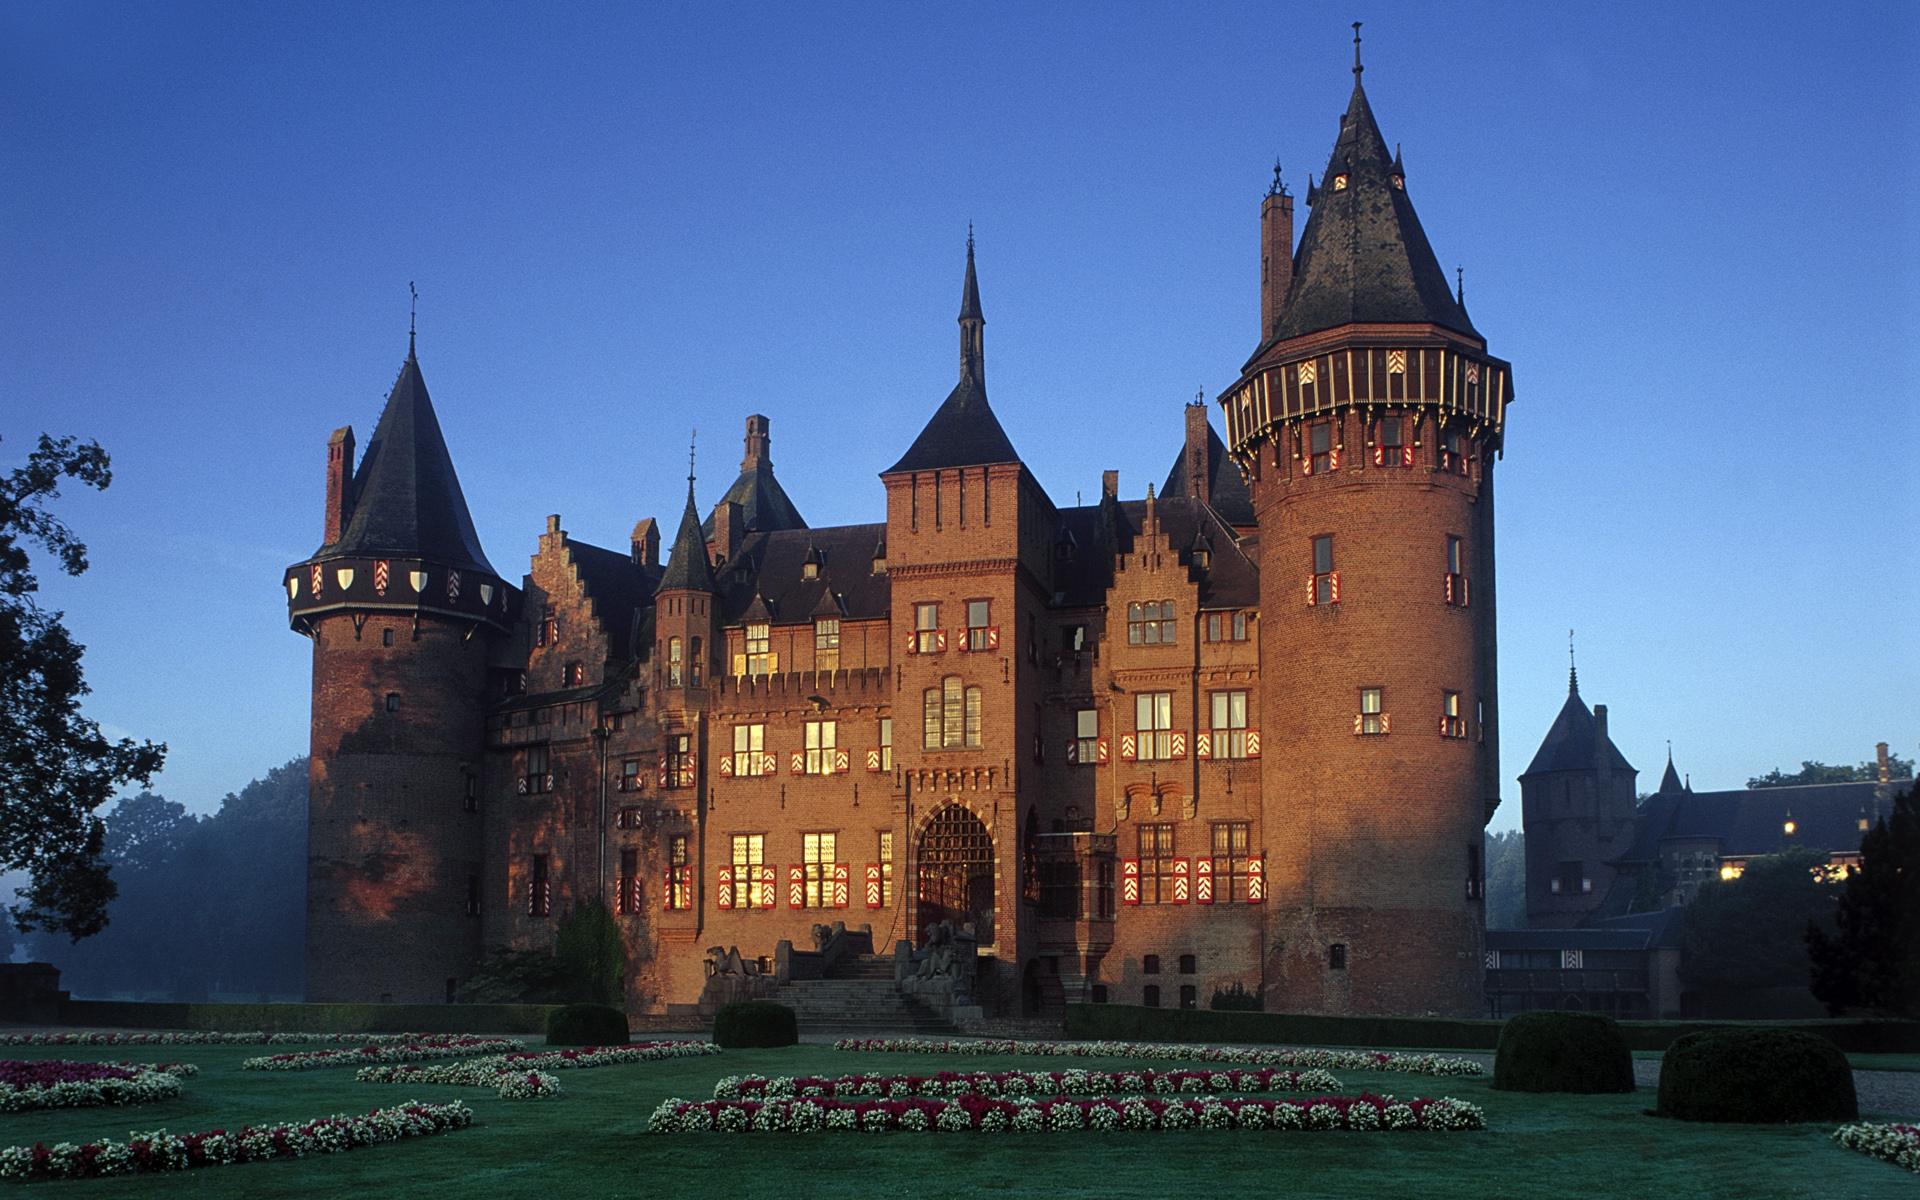 壁纸主题 > windows 7主题复古风:带你领略欧洲城堡   谈及欧美古建筑